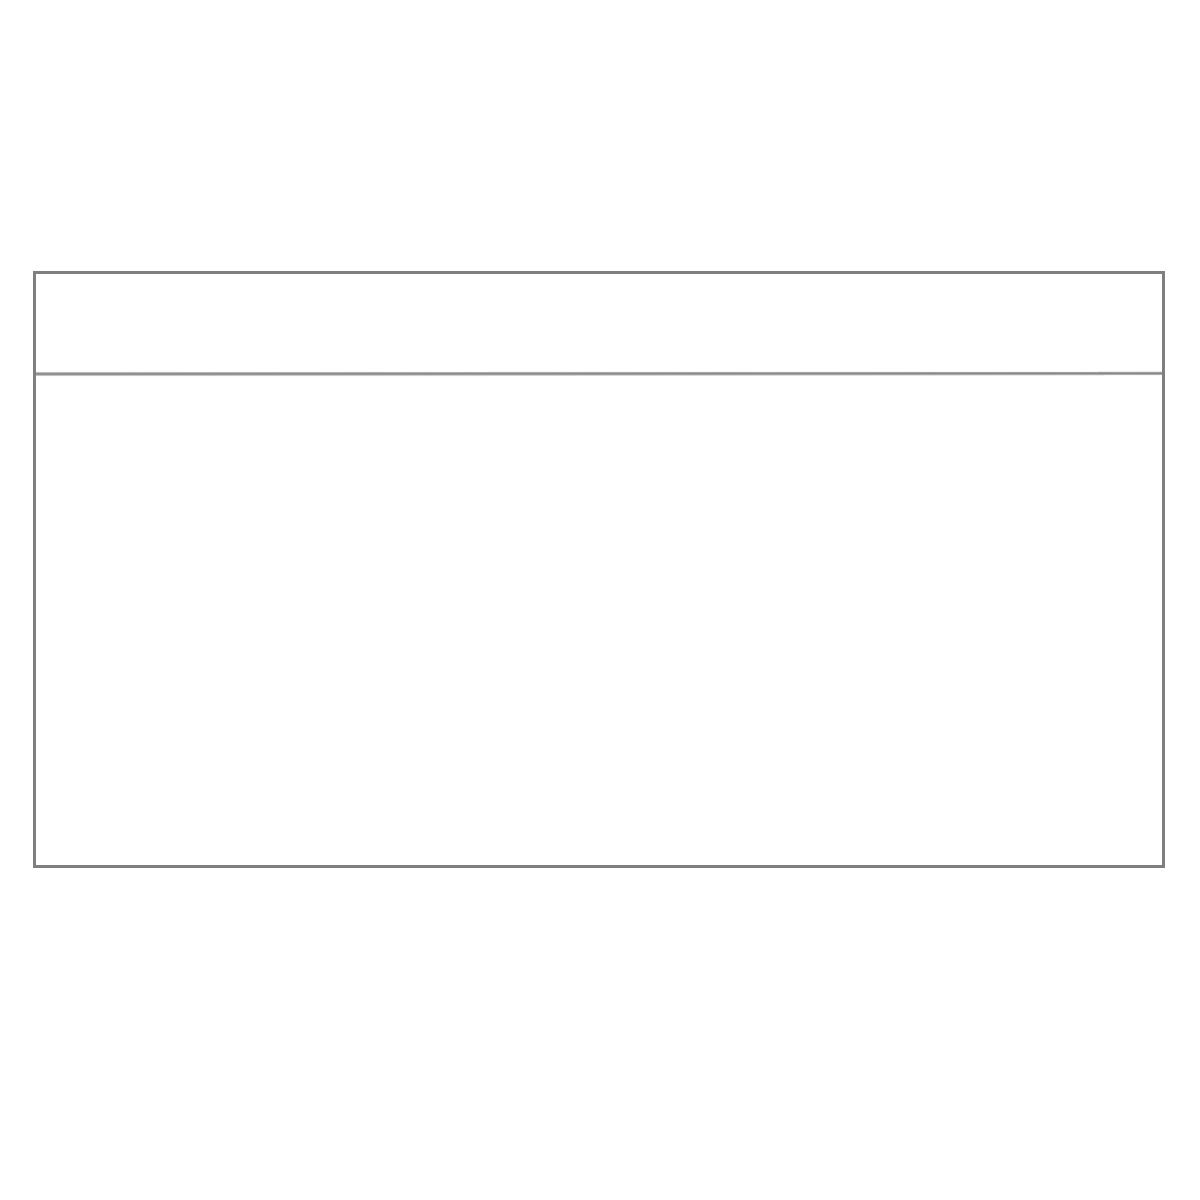 Защитный лист-обложка Premium 210 для банкноты. Leuchtturm. 339345 (10 листов в упаковке)339345Характеристики: Размер листа: 21 см х 12,7 см Размер ячейки: 21 см x 12,5 см Количество листов в упаковке: 10